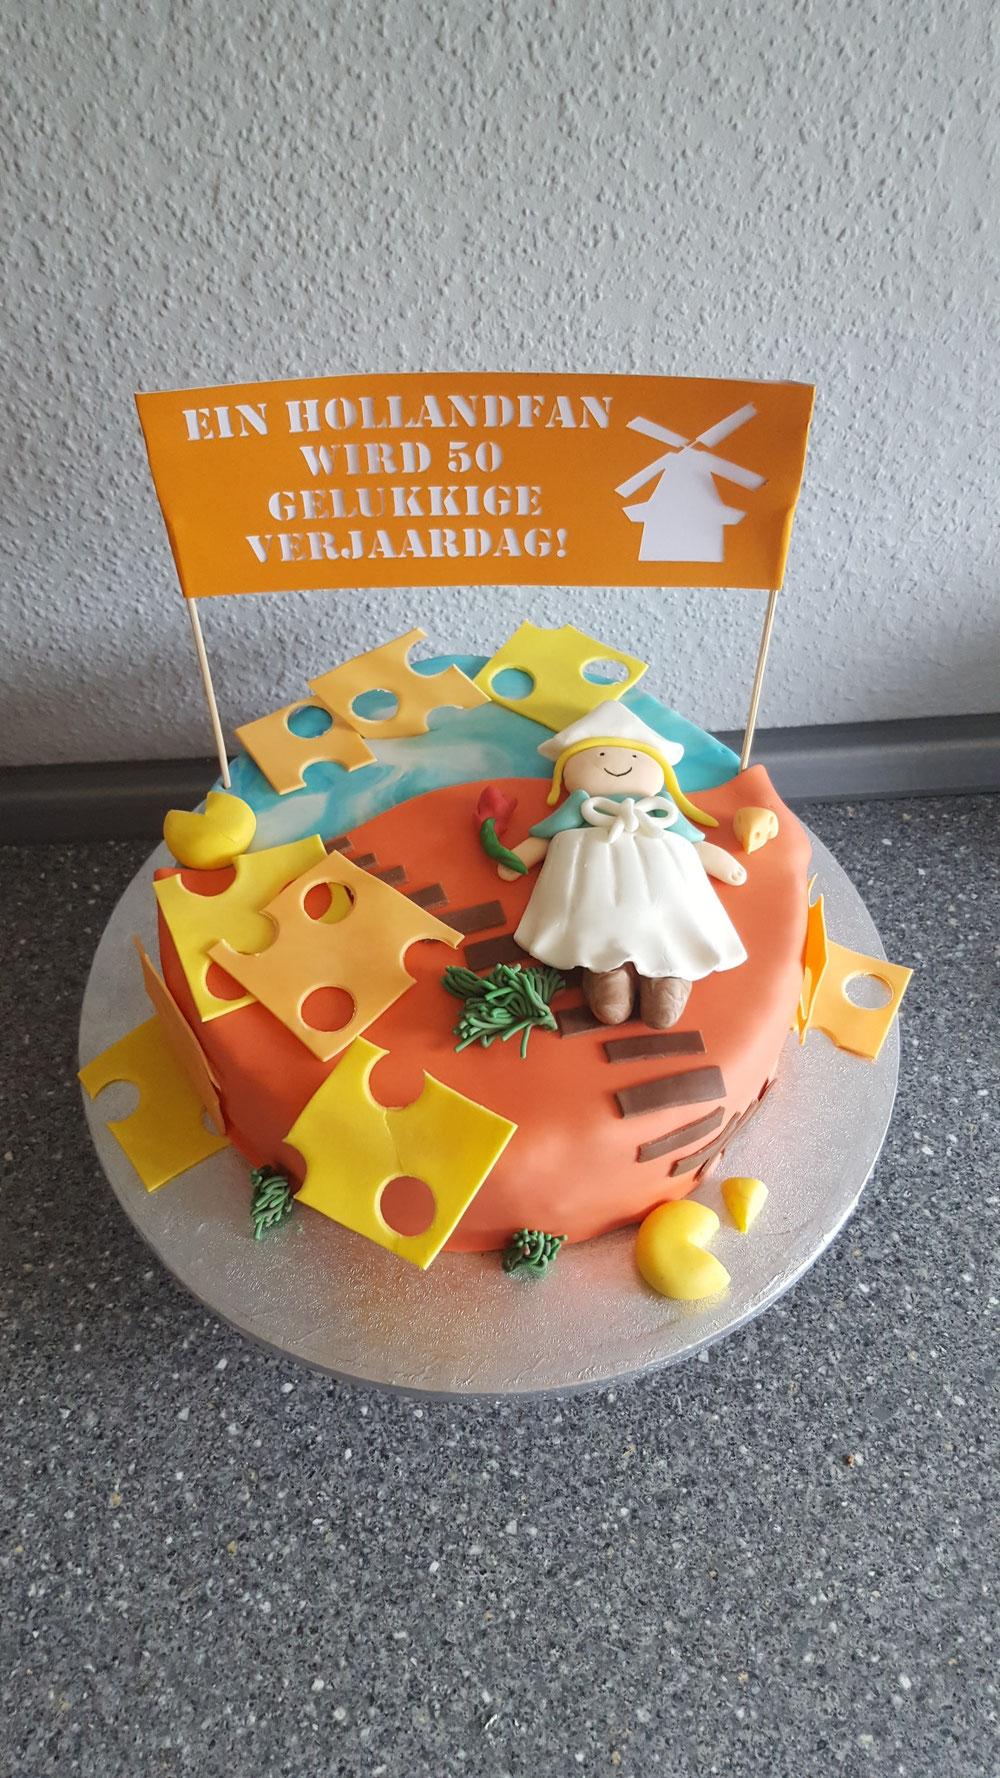 Torte für einen Hollandfan